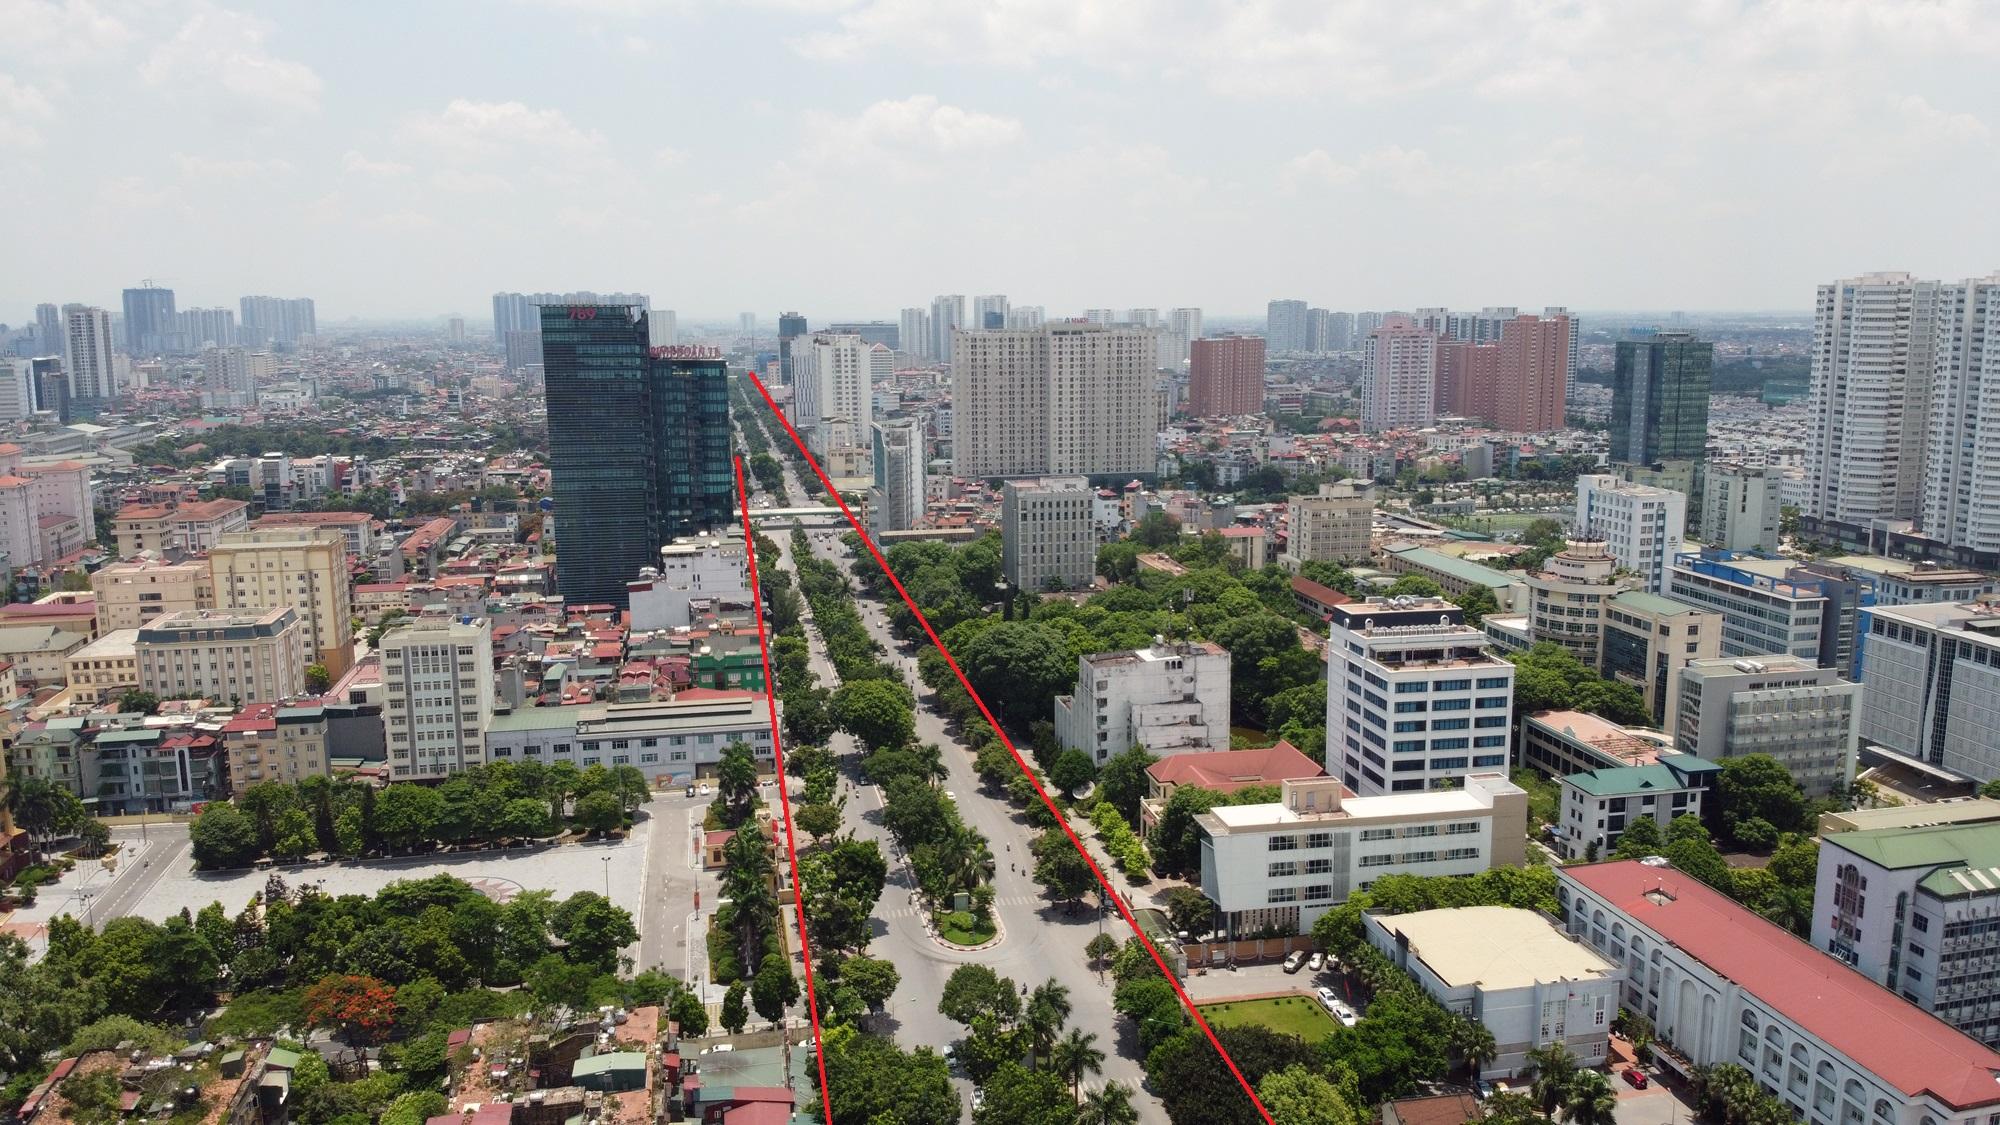 Đường sẽ mở theo qui hoạch ở Hà Nội: Toàn cảnh trục Hồ Tây - Ba Vì đến Vành đai 4 - Ảnh 6.